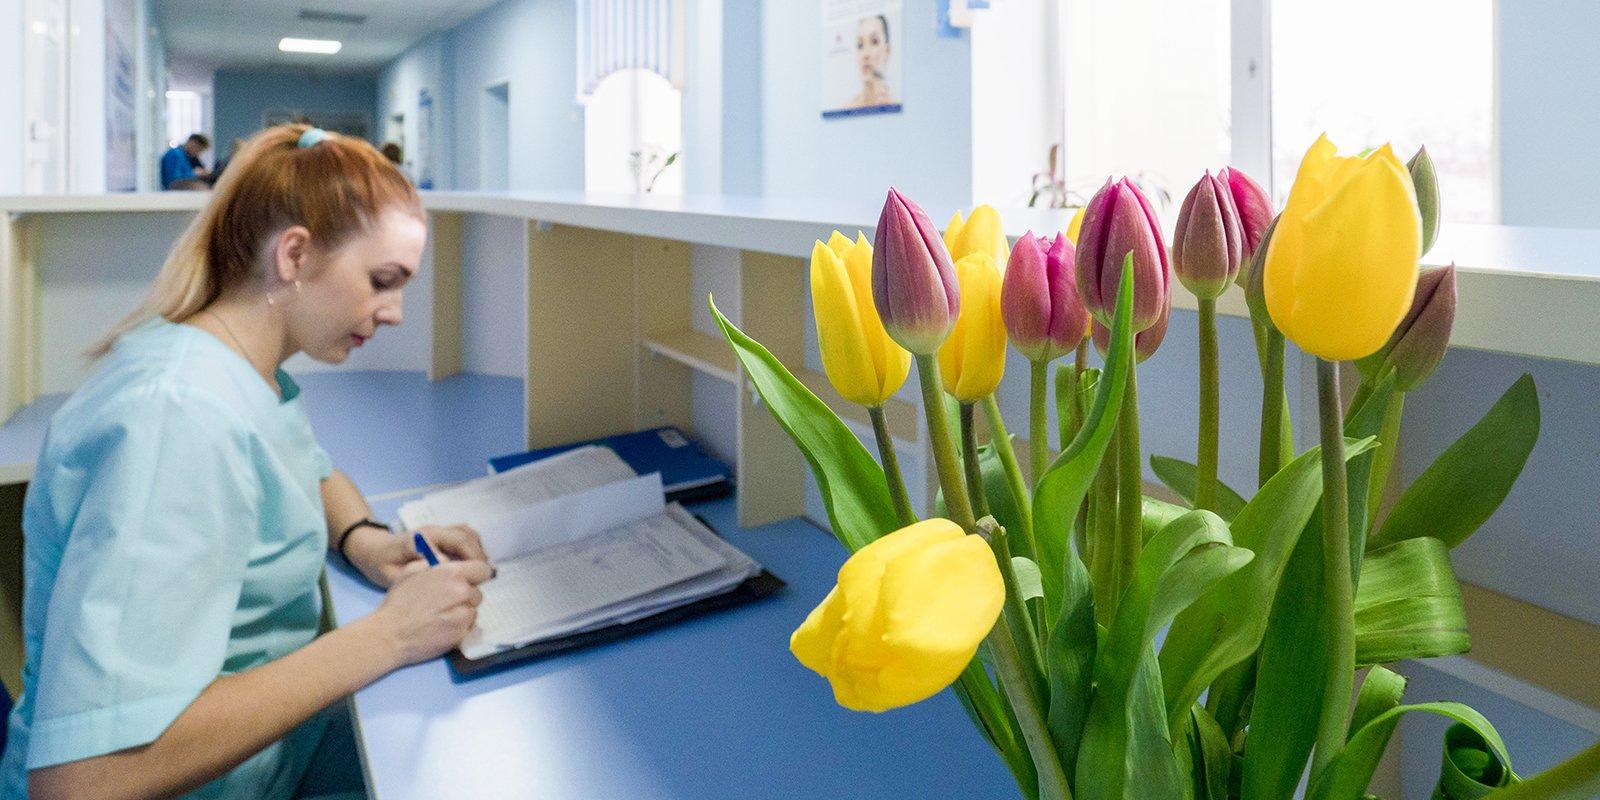 Какие больницы проведут дни открытых дверей в июне